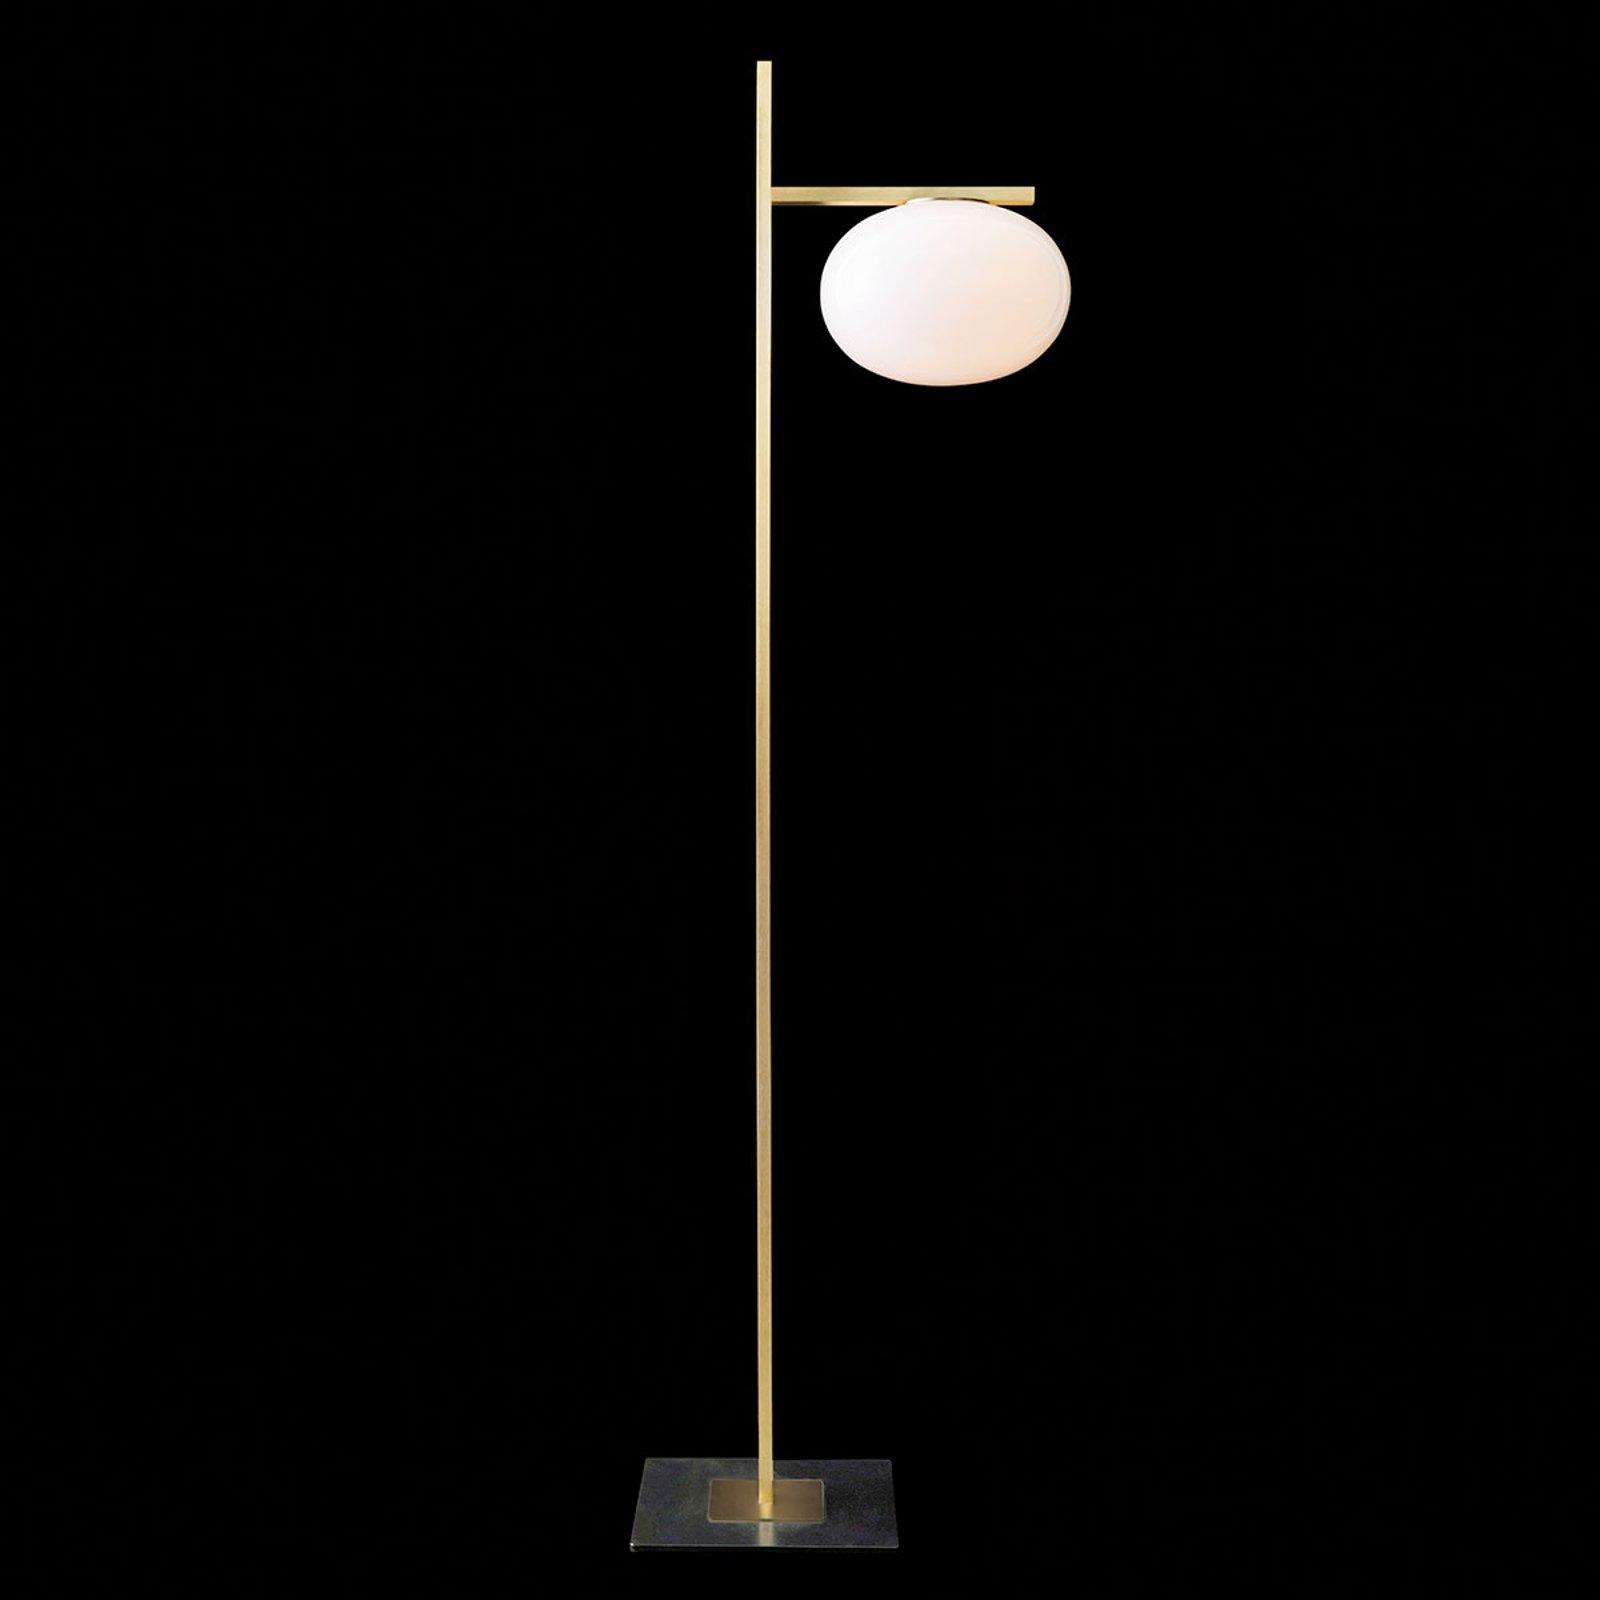 Oluce Alba - gulvlampe med dimmer, 1 lyskilde